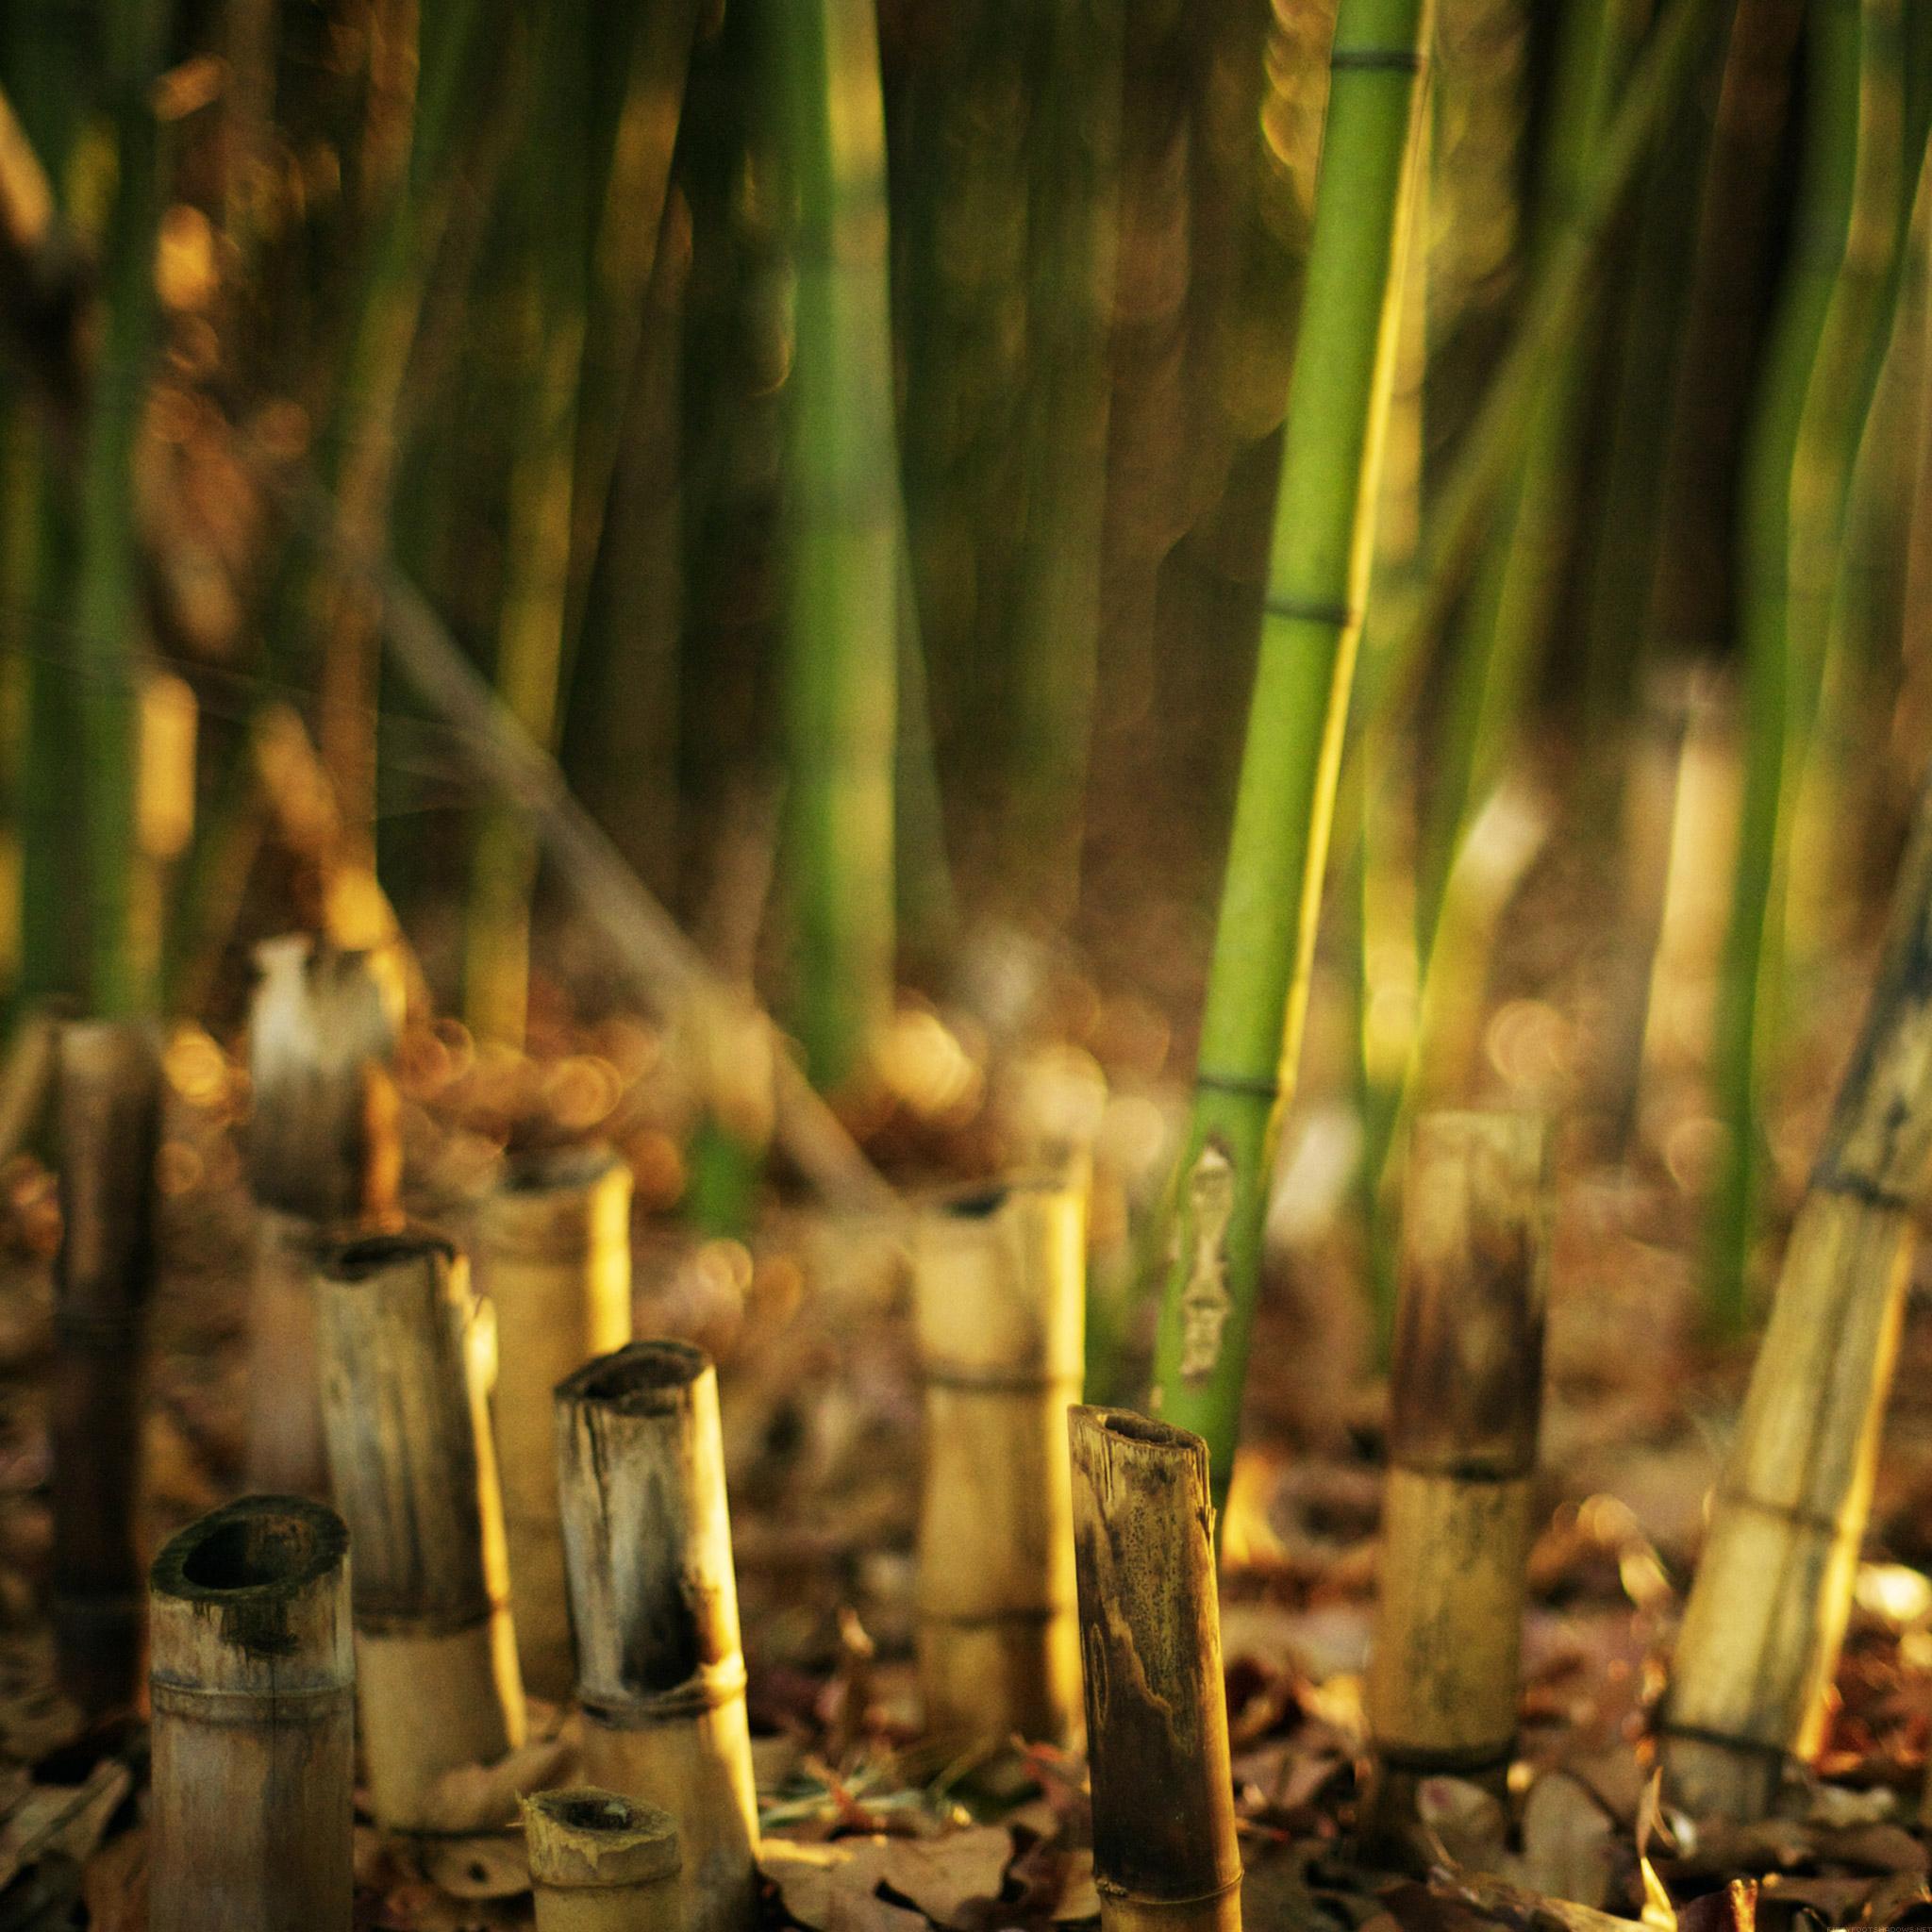 Bamboo 3Wallpapers iPad Retina Bamboo   iPad Retina